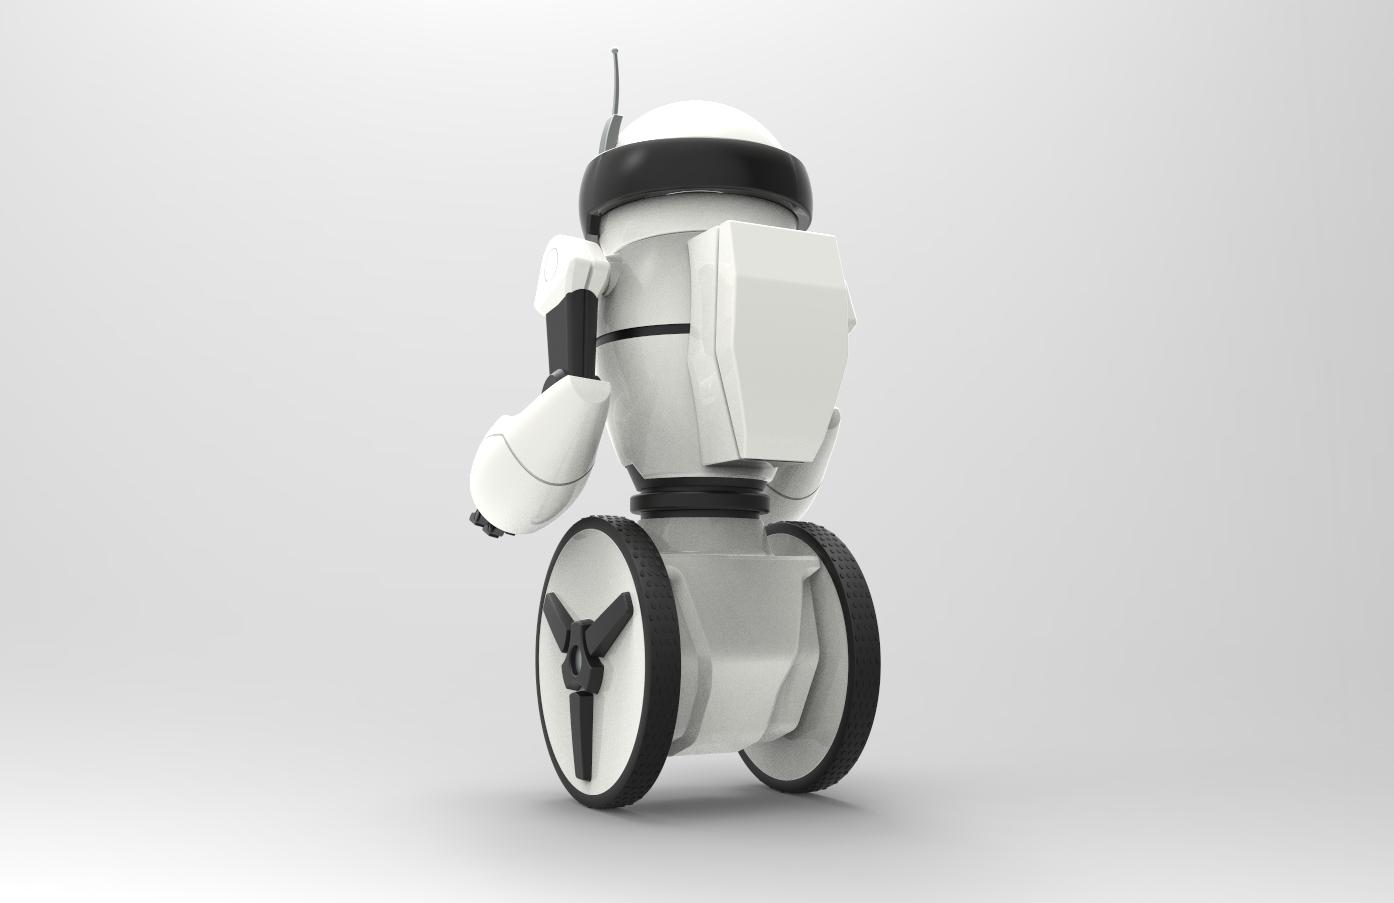 Robot Rear View